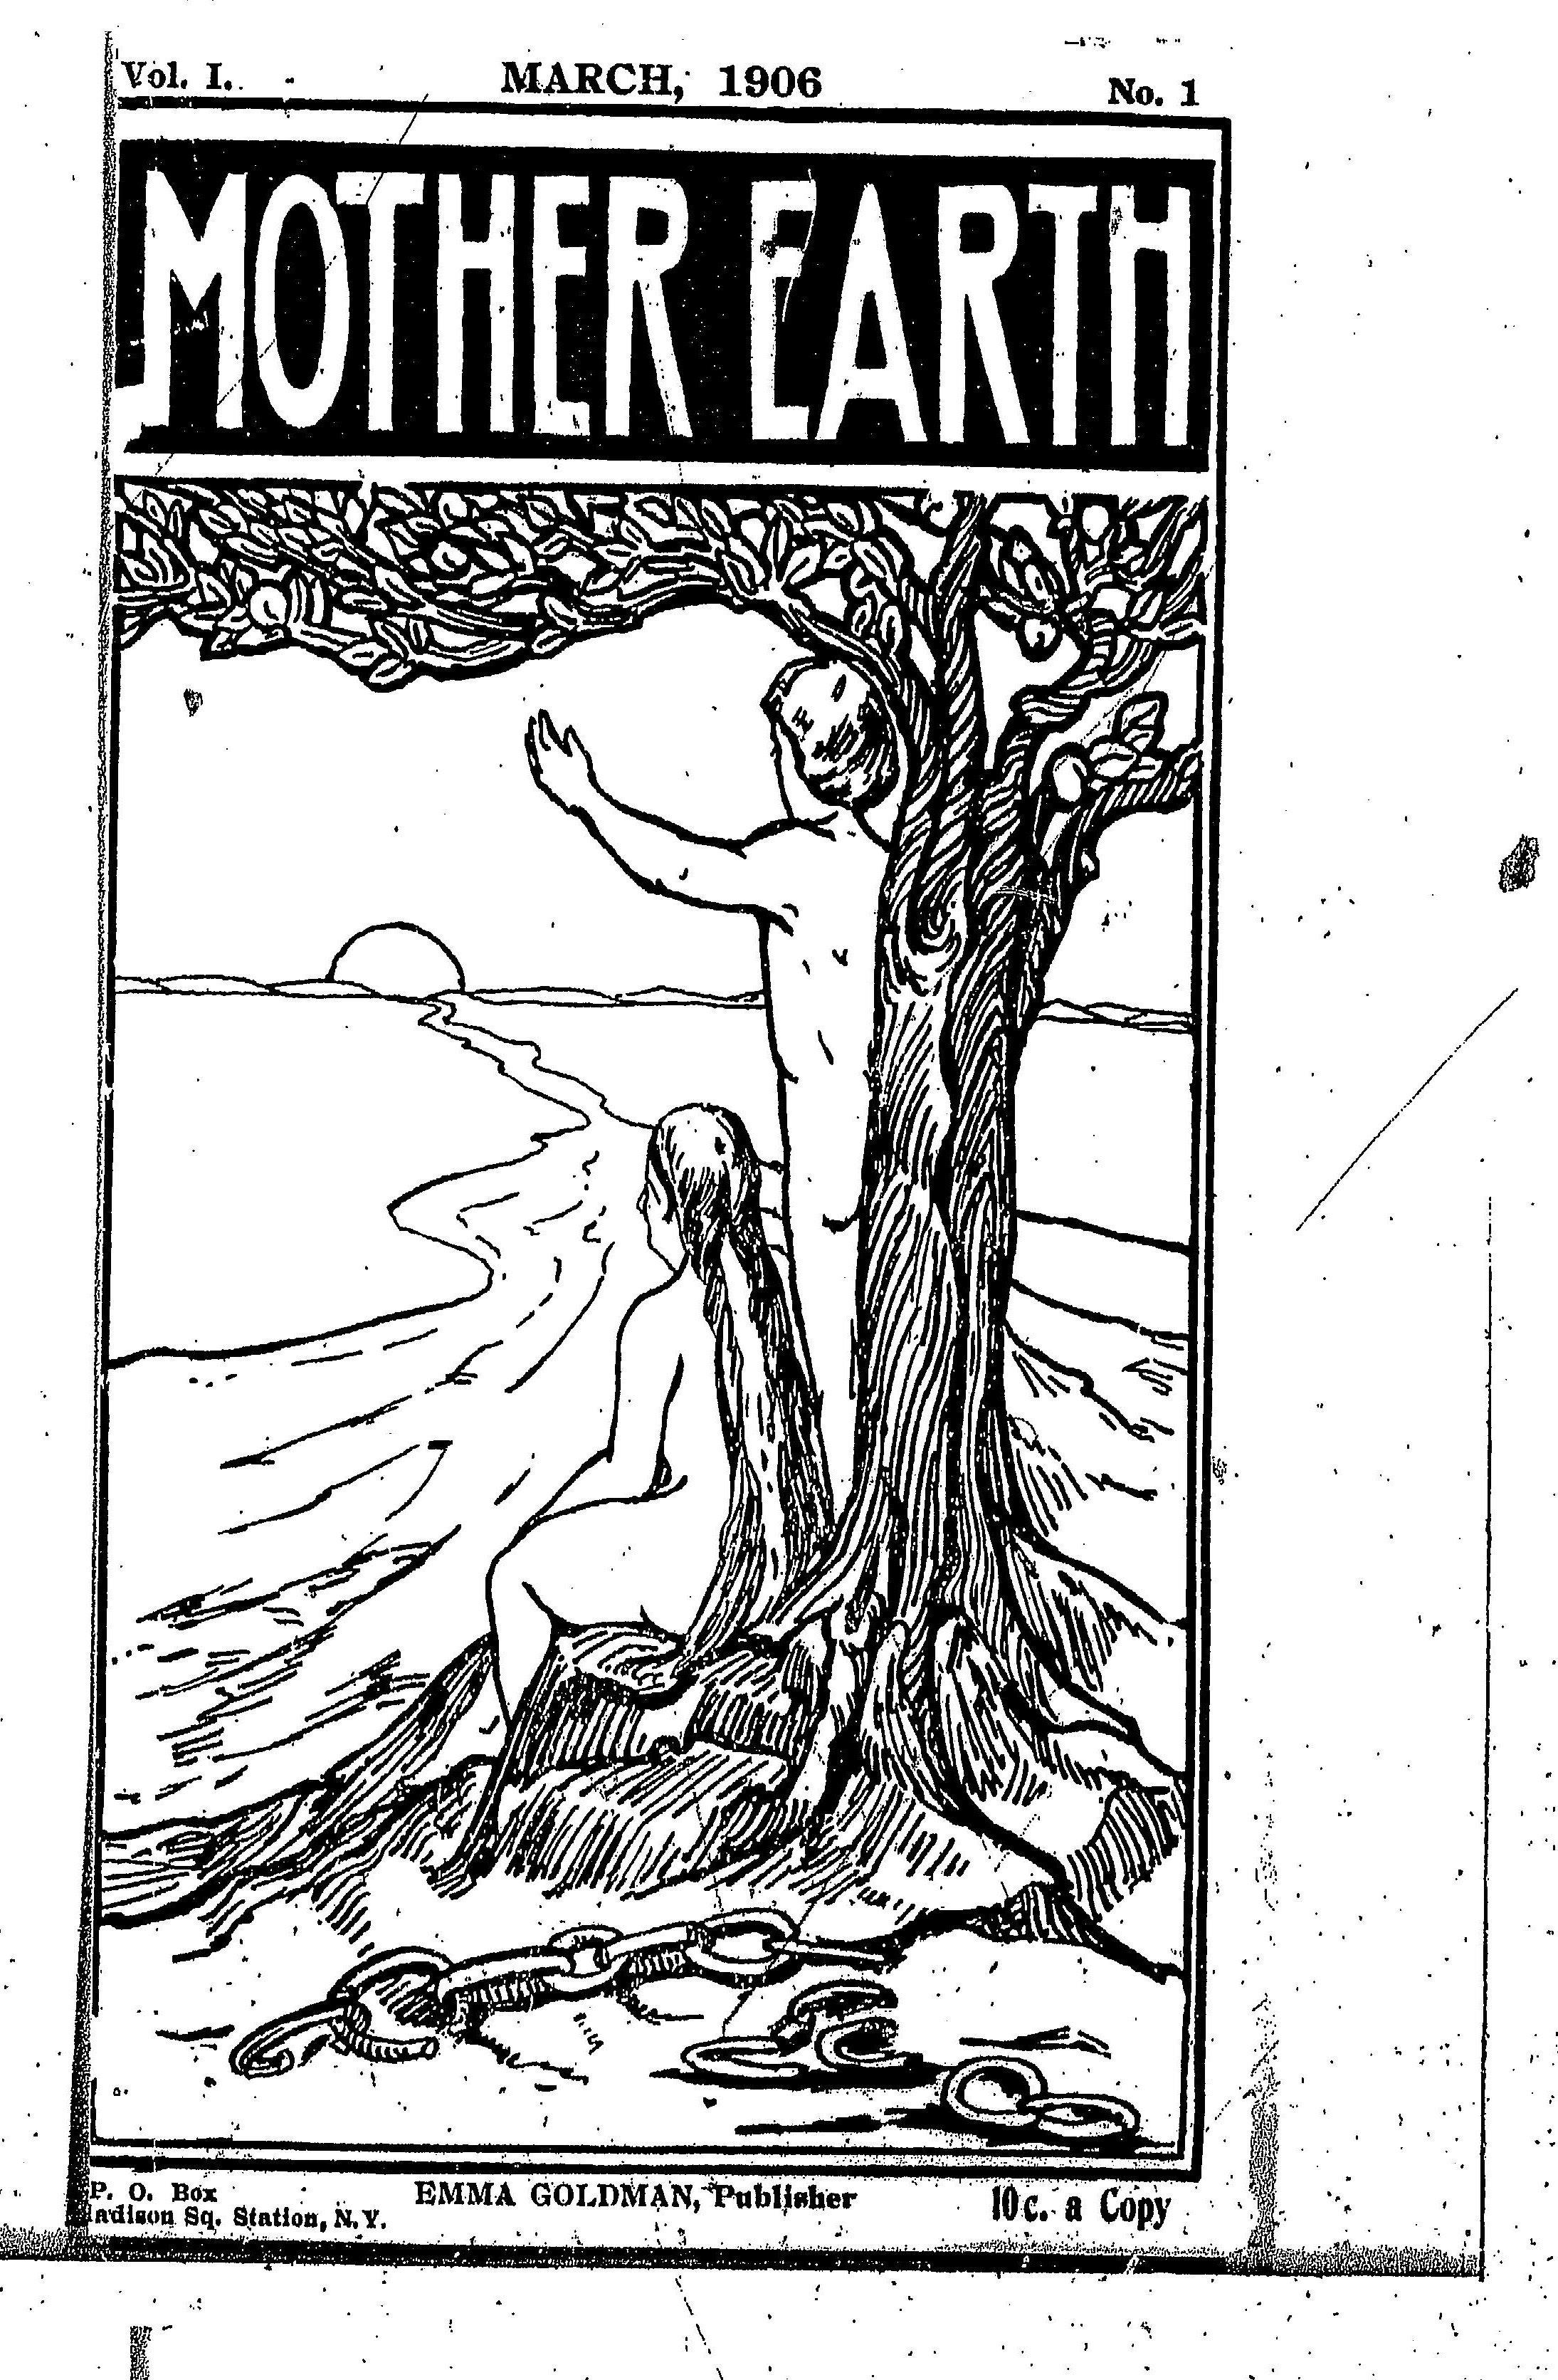 美國婦女史微縮資料簡介(26) Mother Earth (1906-1917)